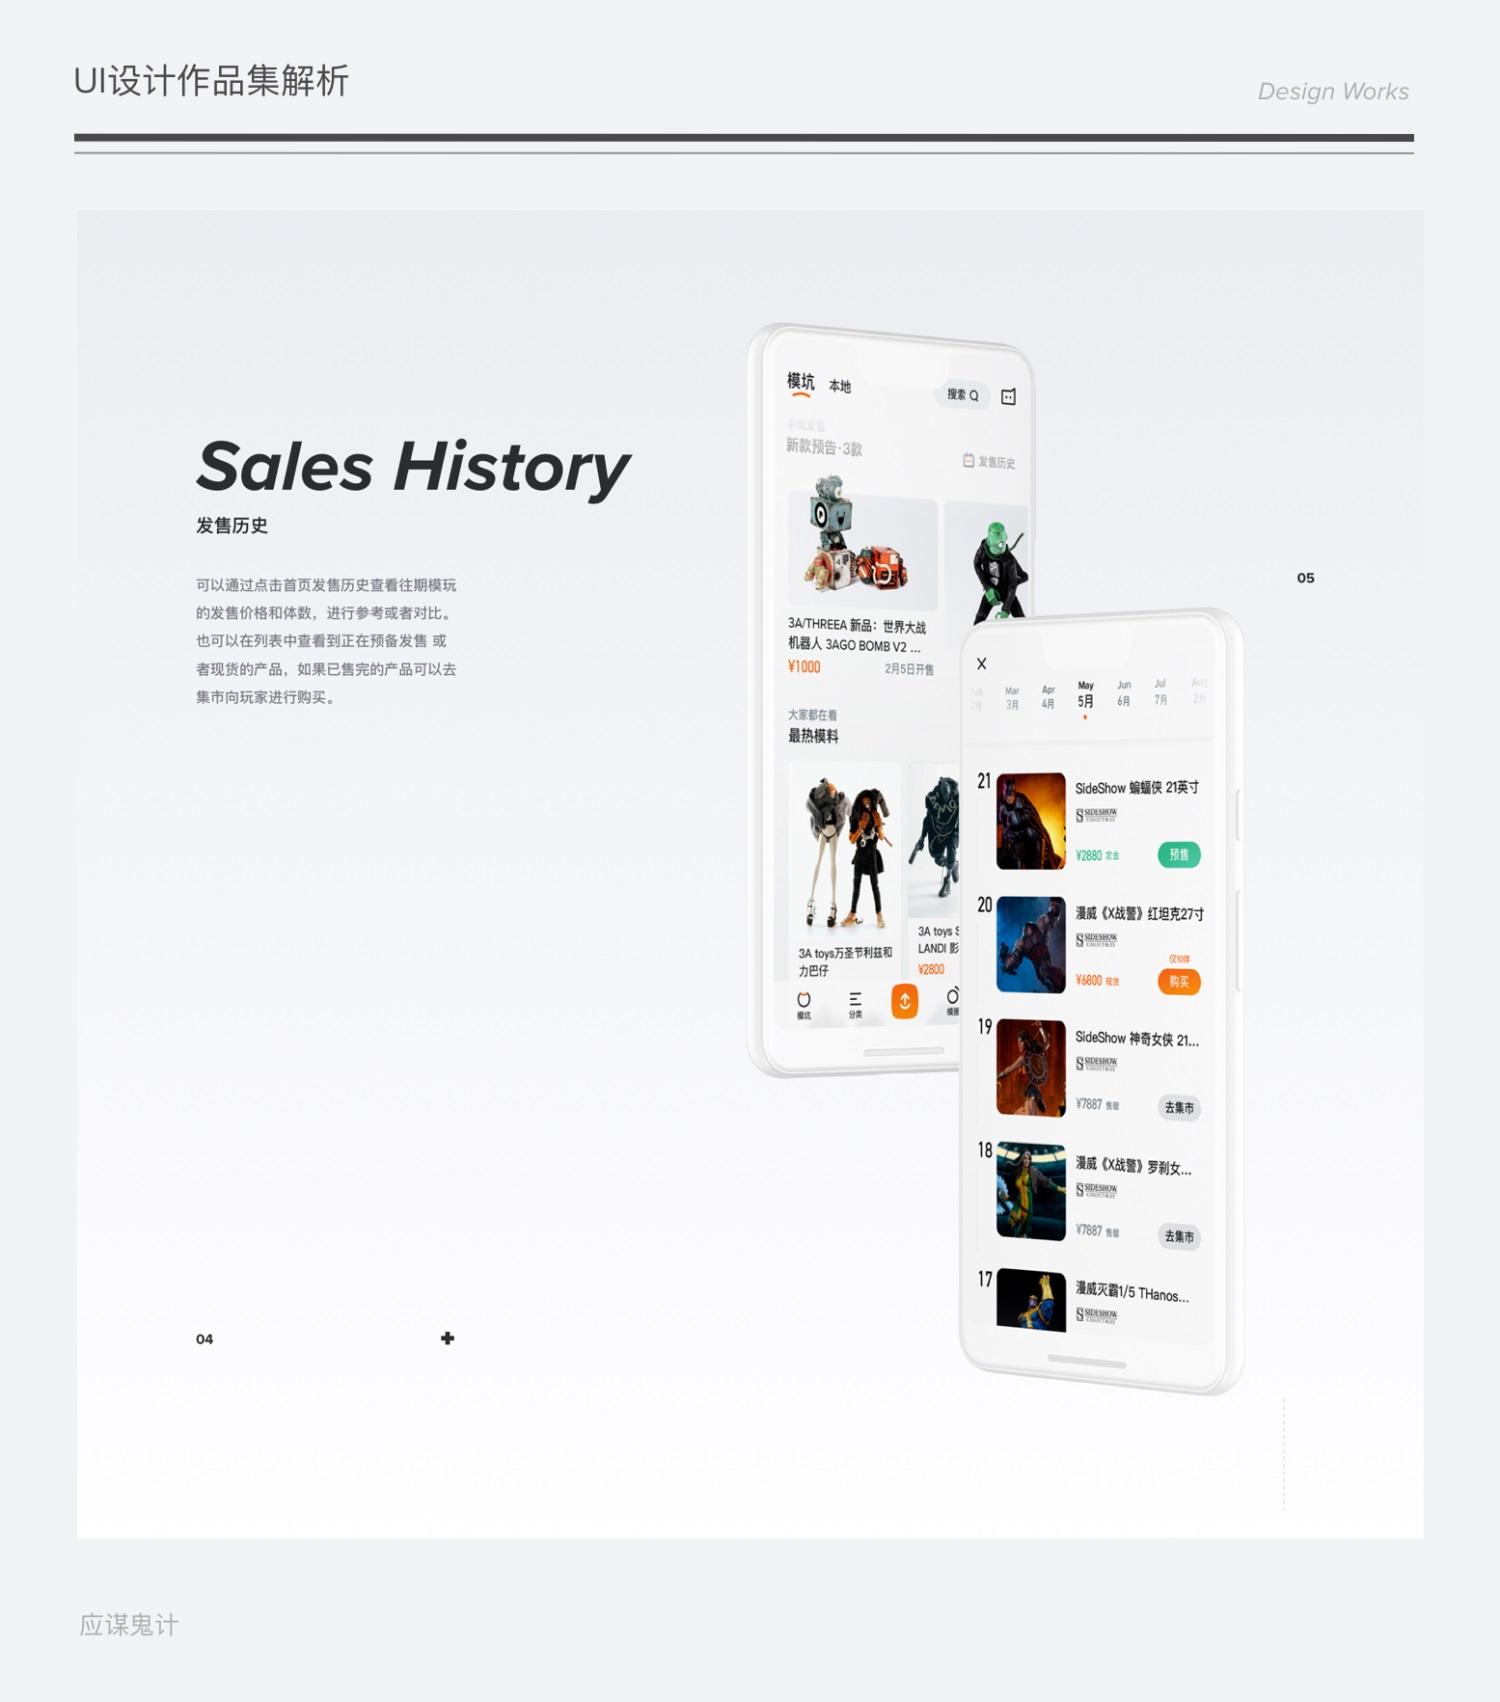 8000字干货!UI设计作品集怎么做才能顺利找到工作?